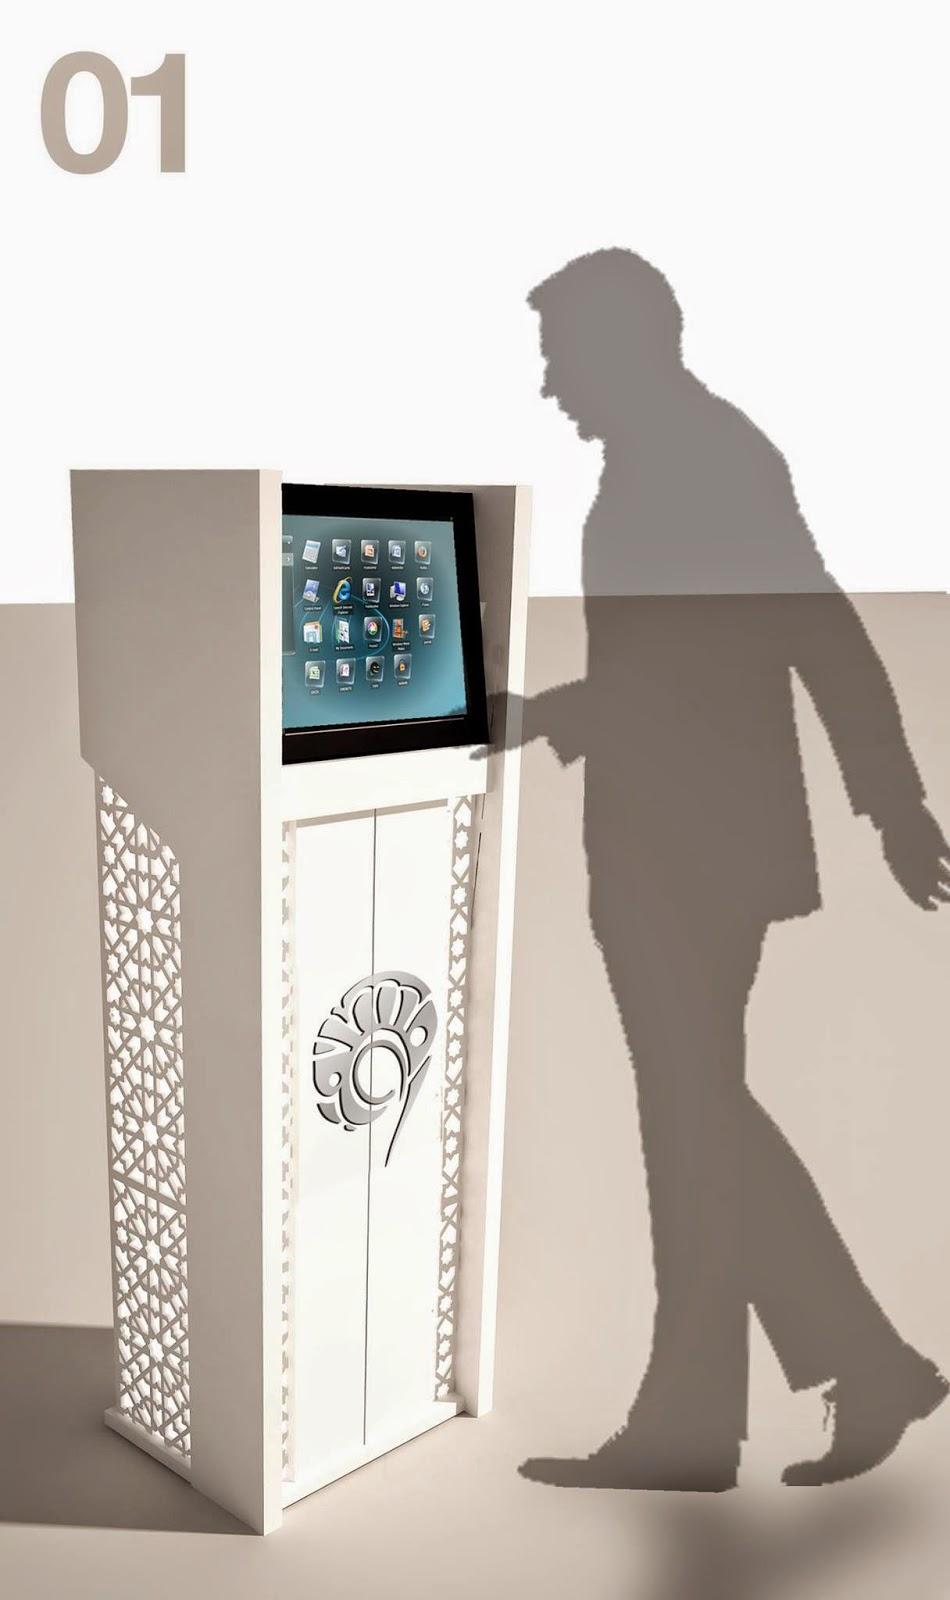 جهاز المعرف الإليكتروني للتعريف بالإسلام